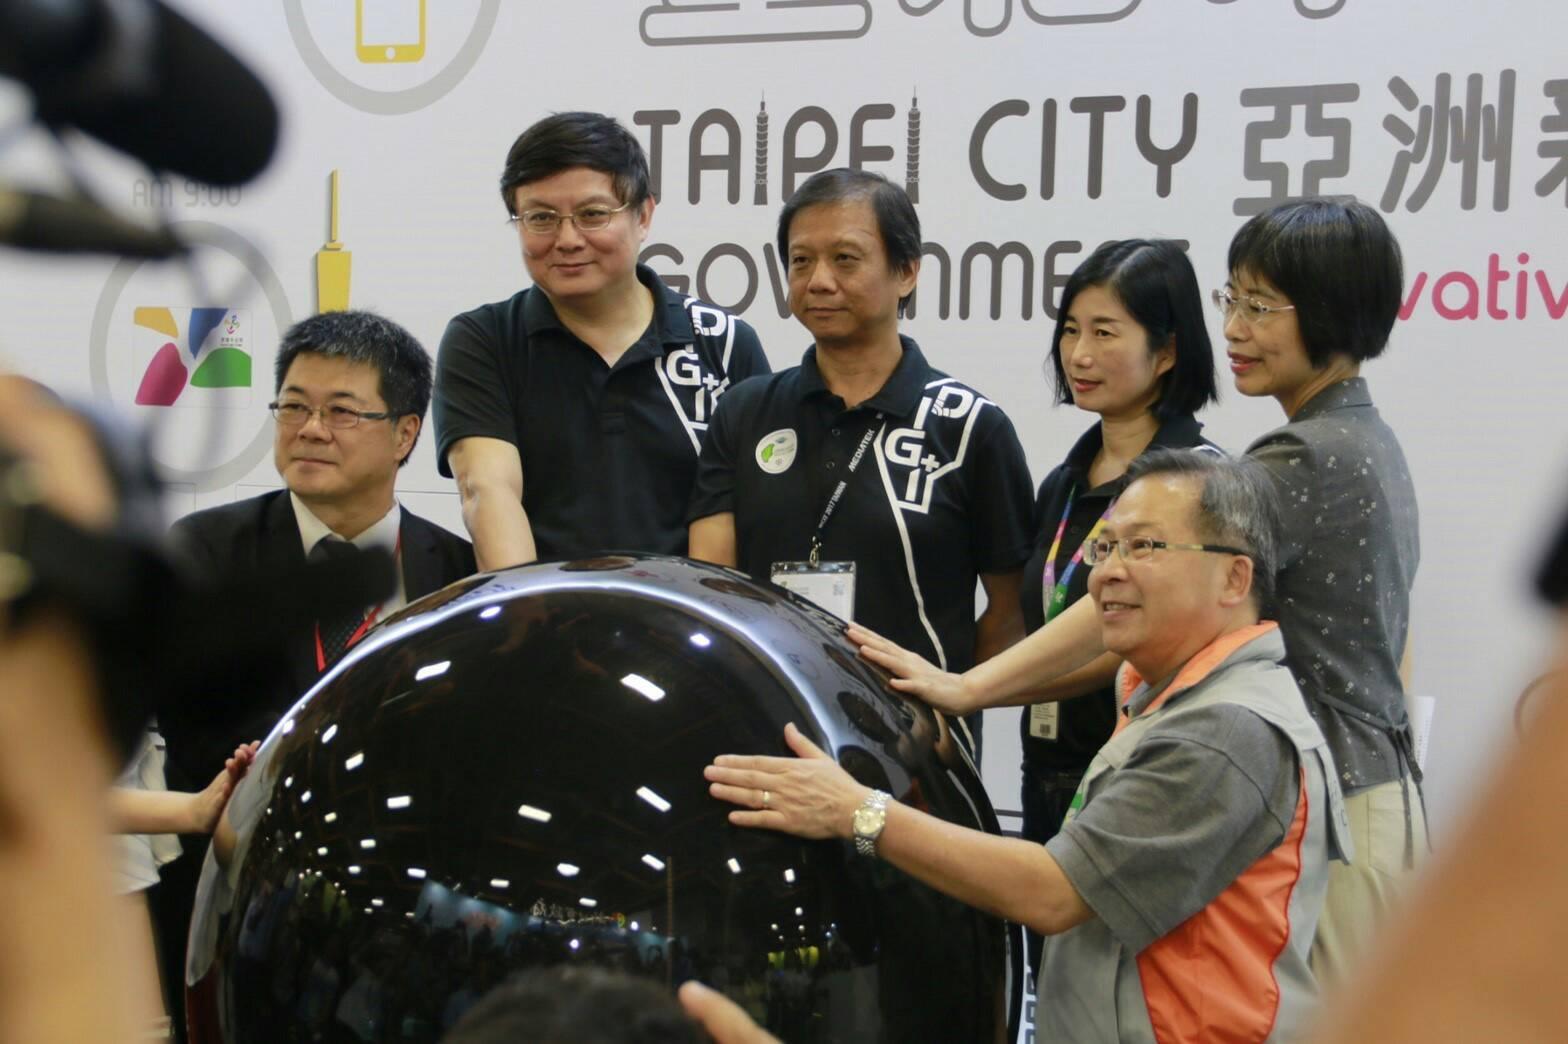 圖說:WCIT 2017「亞洲新創臺北館」今(10)日正式開幕啟動